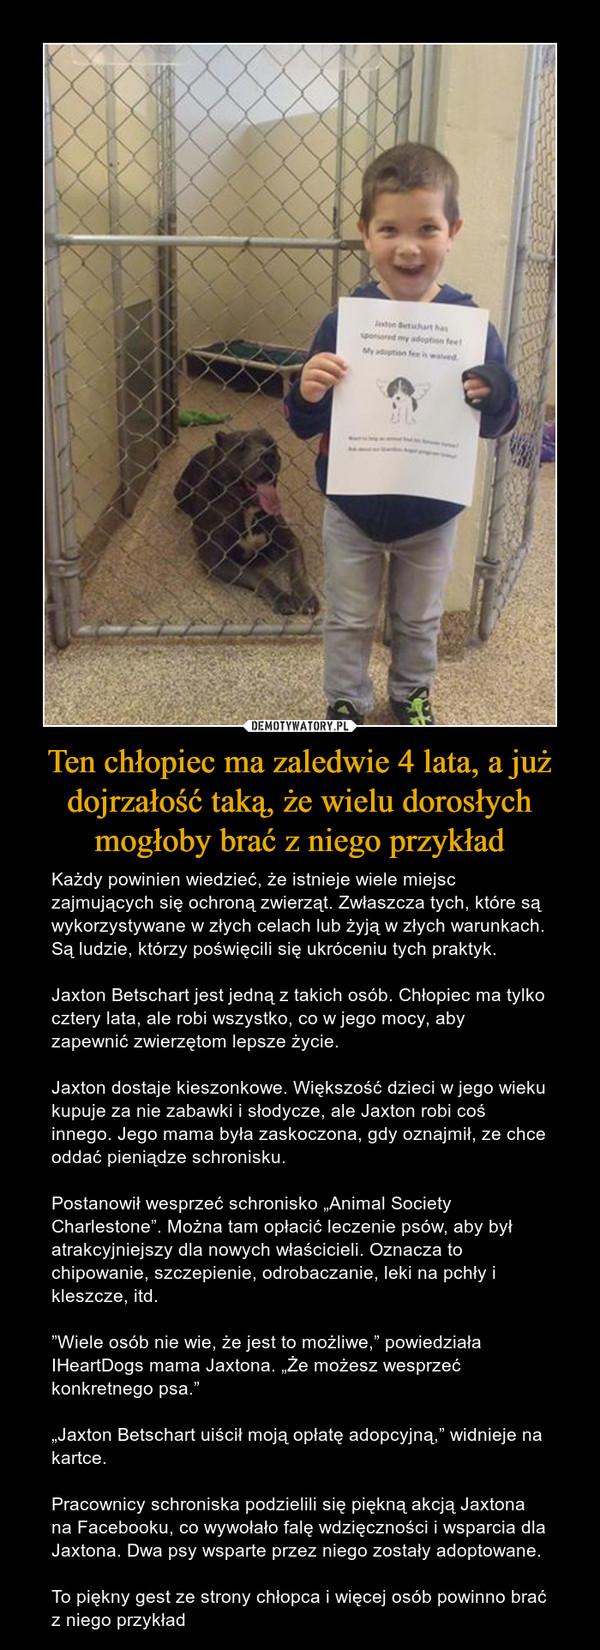 """Ten chłopiec ma zaledwie 4 lata, a już dojrzałość taką, że wielu dorosłych mogłoby brać z niego przykład – Każdy powinien wiedzieć, że istnieje wiele miejsc zajmujących się ochroną zwierząt. Zwłaszcza tych, które są wykorzystywane w złych celach lub żyją w złych warunkach. Są ludzie, którzy poświęcili się ukróceniu tych praktyk.Jaxton Betschart jest jedną z takich osób. Chłopiec ma tylko cztery lata, ale robi wszystko, co w jego mocy, aby zapewnić zwierzętom lepsze życie.Jaxton dostaje kieszonkowe. Większość dzieci w jego wieku kupuje za nie zabawki i słodycze, ale Jaxton robi coś innego. Jego mama była zaskoczona, gdy oznajmił, ze chce oddać pieniądze schronisku.Postanowił wesprzeć schronisko """"Animal Society Charlestone"""". Można tam opłacić leczenie psów, aby był atrakcyjniejszy dla nowych właścicieli. Oznacza to chipowanie, szczepienie, odrobaczanie, leki na pchły i kleszcze, itd.""""Wiele osób nie wie, że jest to możliwe,"""" powiedziała IHeartDogs mama Jaxtona. """"Że możesz wesprzeć konkretnego psa.""""""""Jaxton Betschart uiścił moją opłatę adopcyjną,"""" widnieje na kartce.Pracownicy schroniska podzielili się piękną akcją Jaxtona na Facebooku, co wywołało falę wdzięczności i wsparcia dla Jaxtona. Dwa psy wsparte przez niego zostały adoptowane.To piękny gest ze strony chłopca i więcej osób powinno brać z niego przykład"""